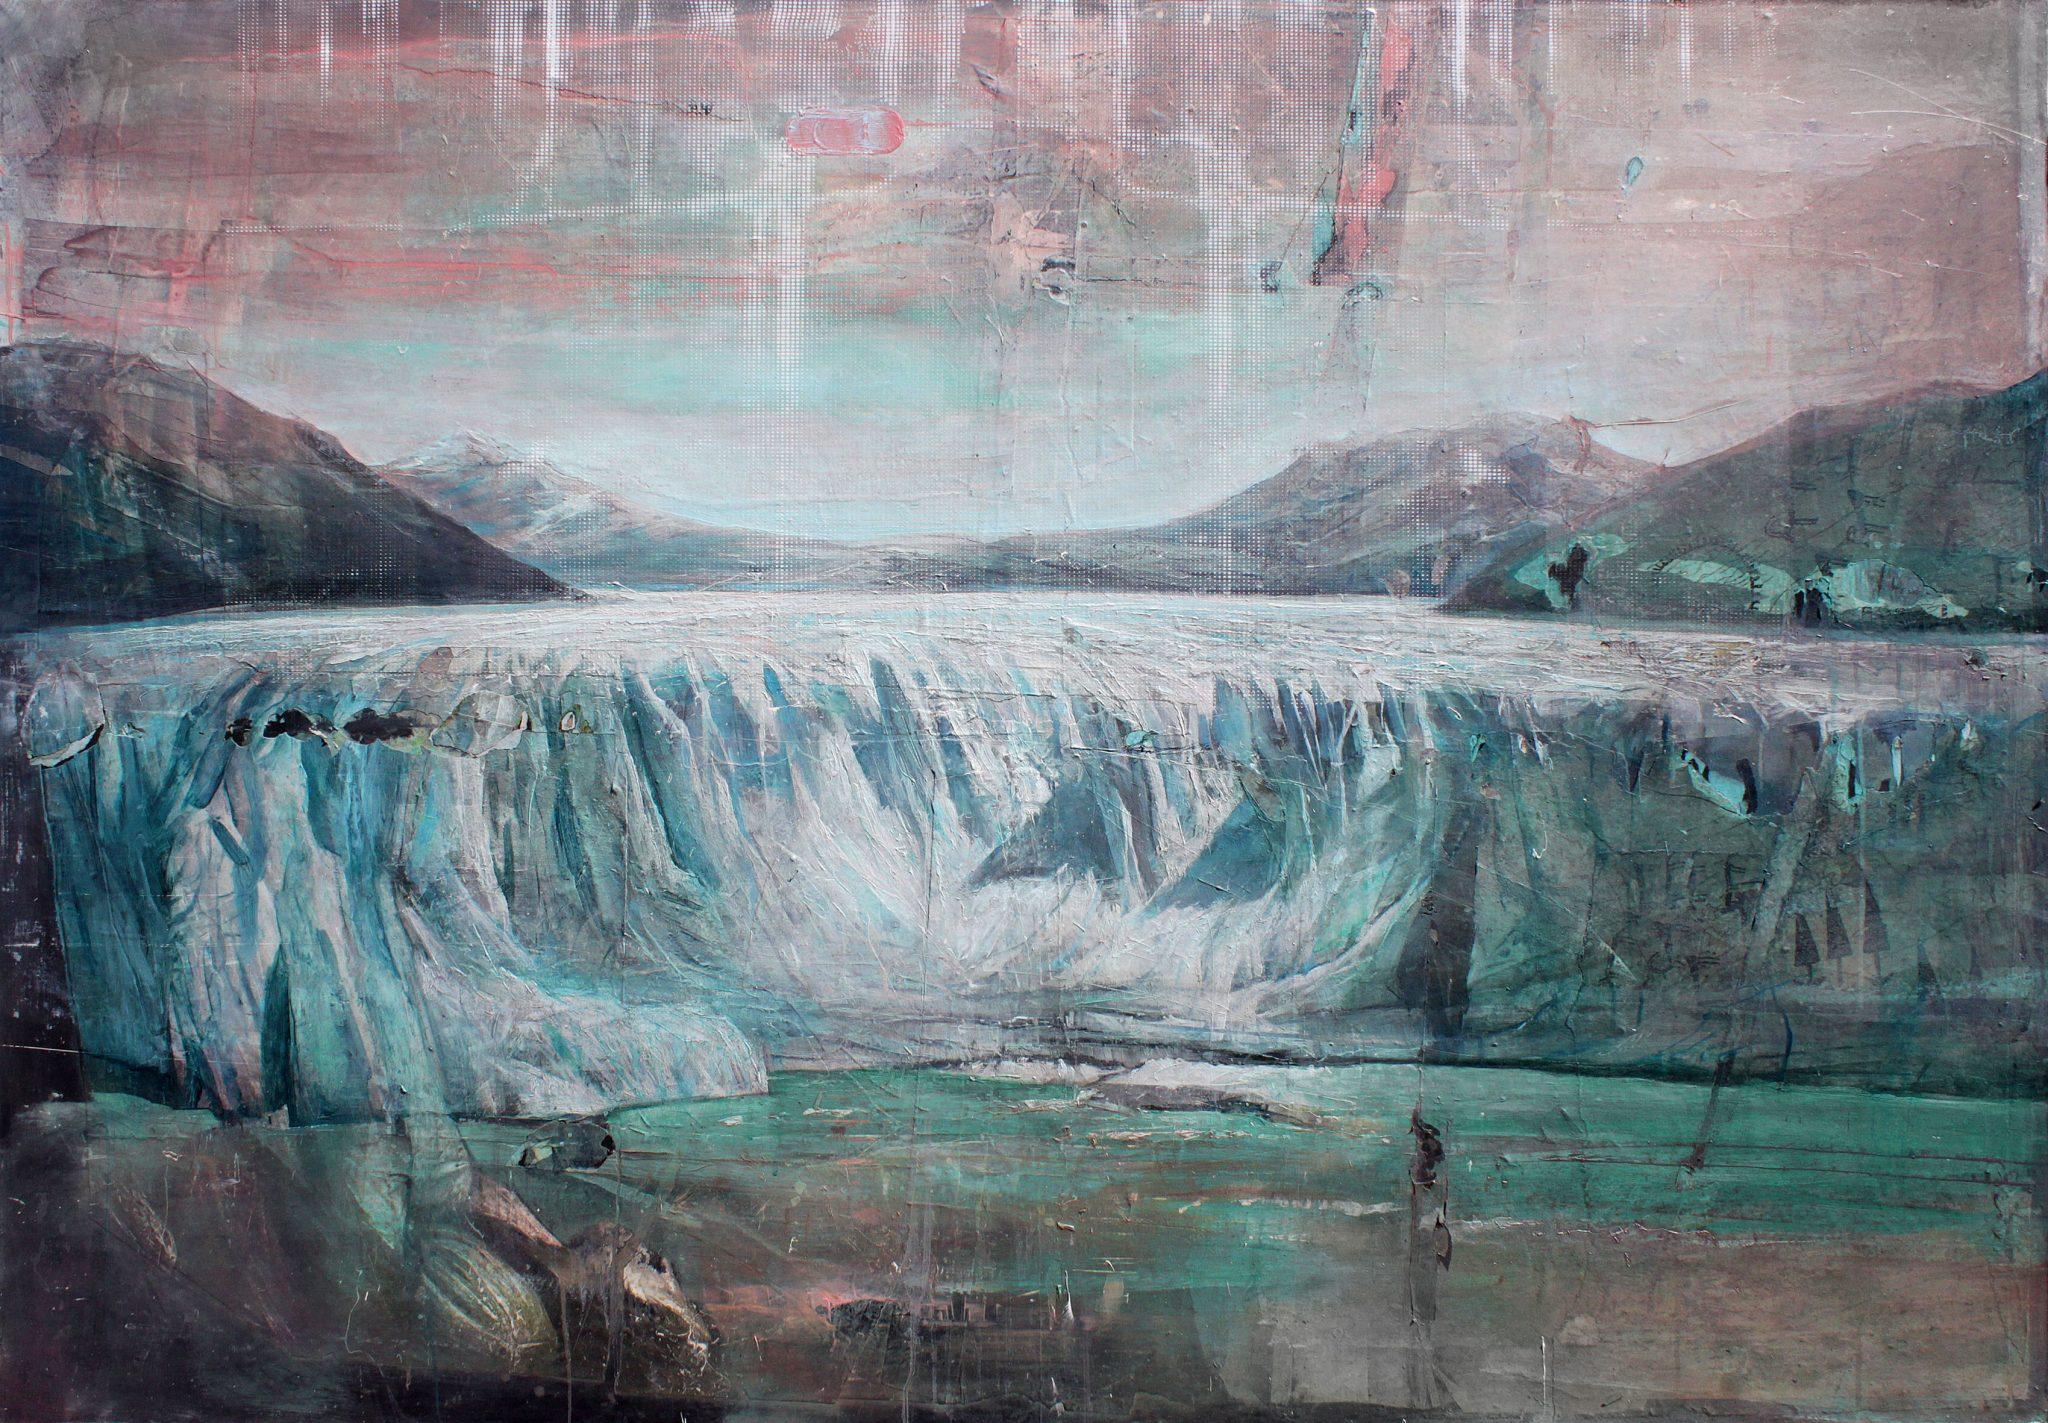 Andrea Mariconti, Anmla, 2018, tecnica mista su tela, cm 140 x 200_Courtesy Federico Rui Arte Contemporanea (Milano)